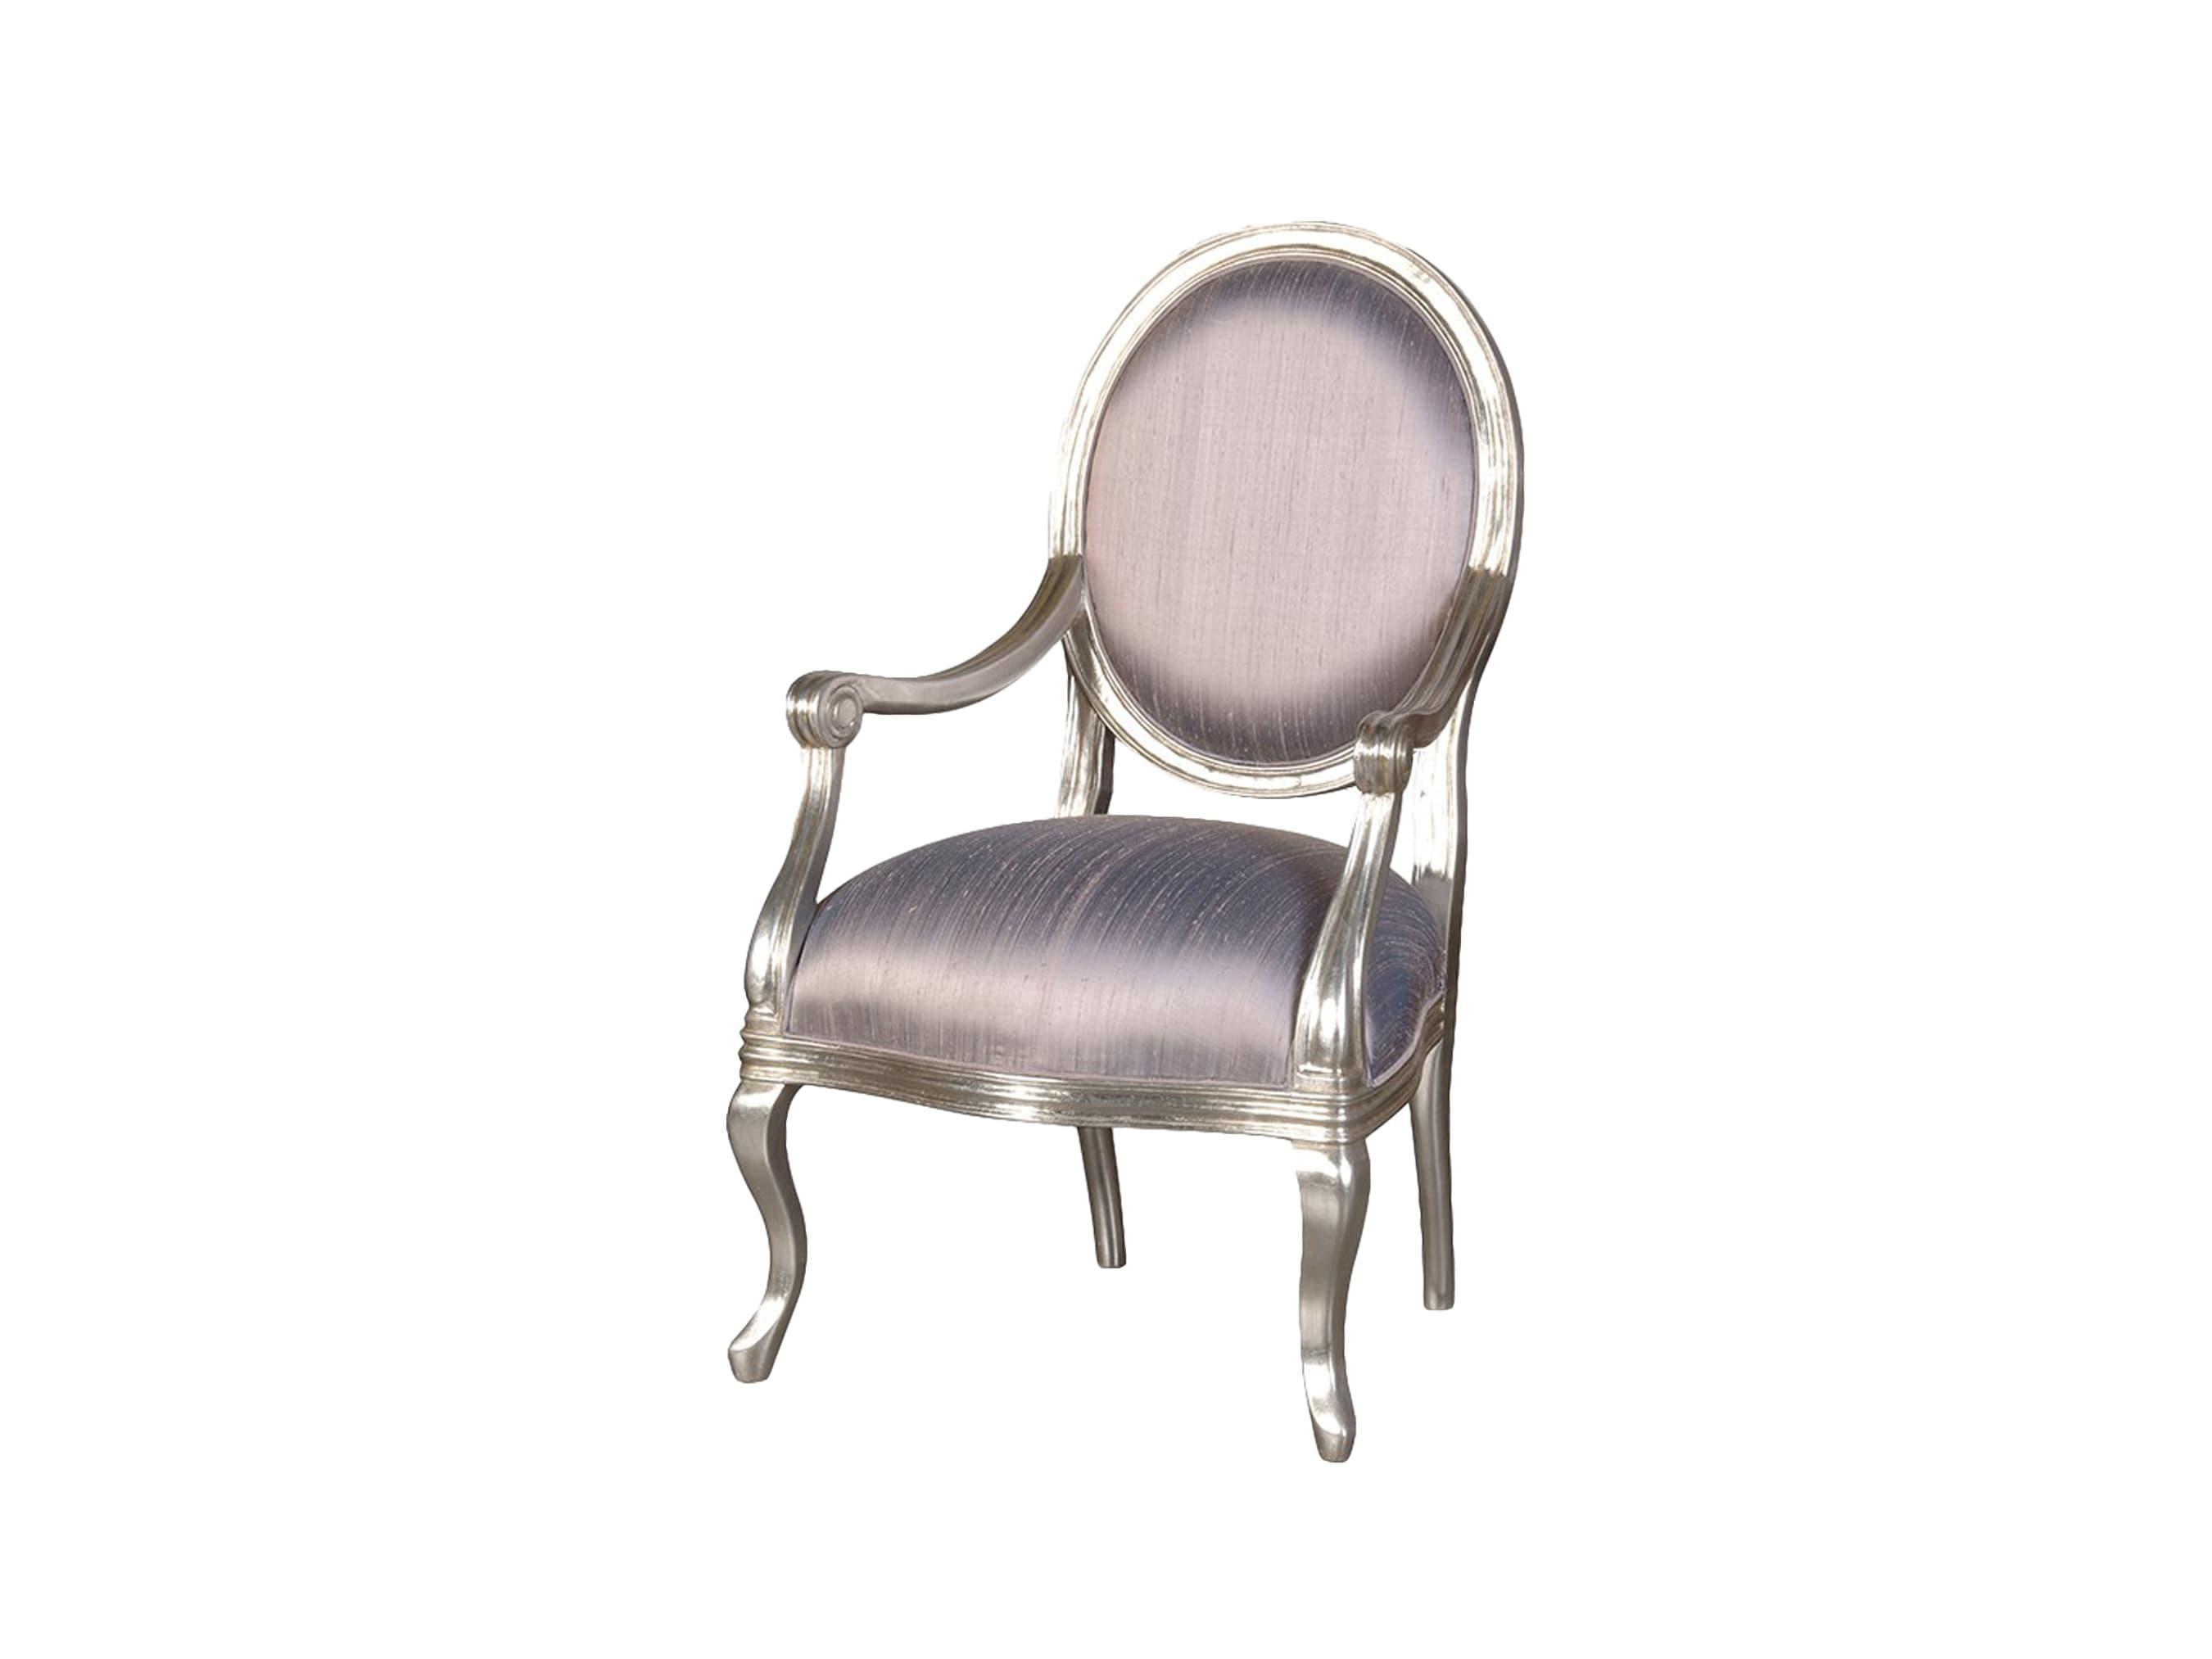 ПолукреслоСтулья с подлокотниками<br>Кресло с мягкой спинкой &amp;quot;медальон&amp;quot;, глубокого  серого цвета, в шелковой обивке.<br><br>Material: Шелк<br>Width см: 65<br>Depth см: 58<br>Height см: 106